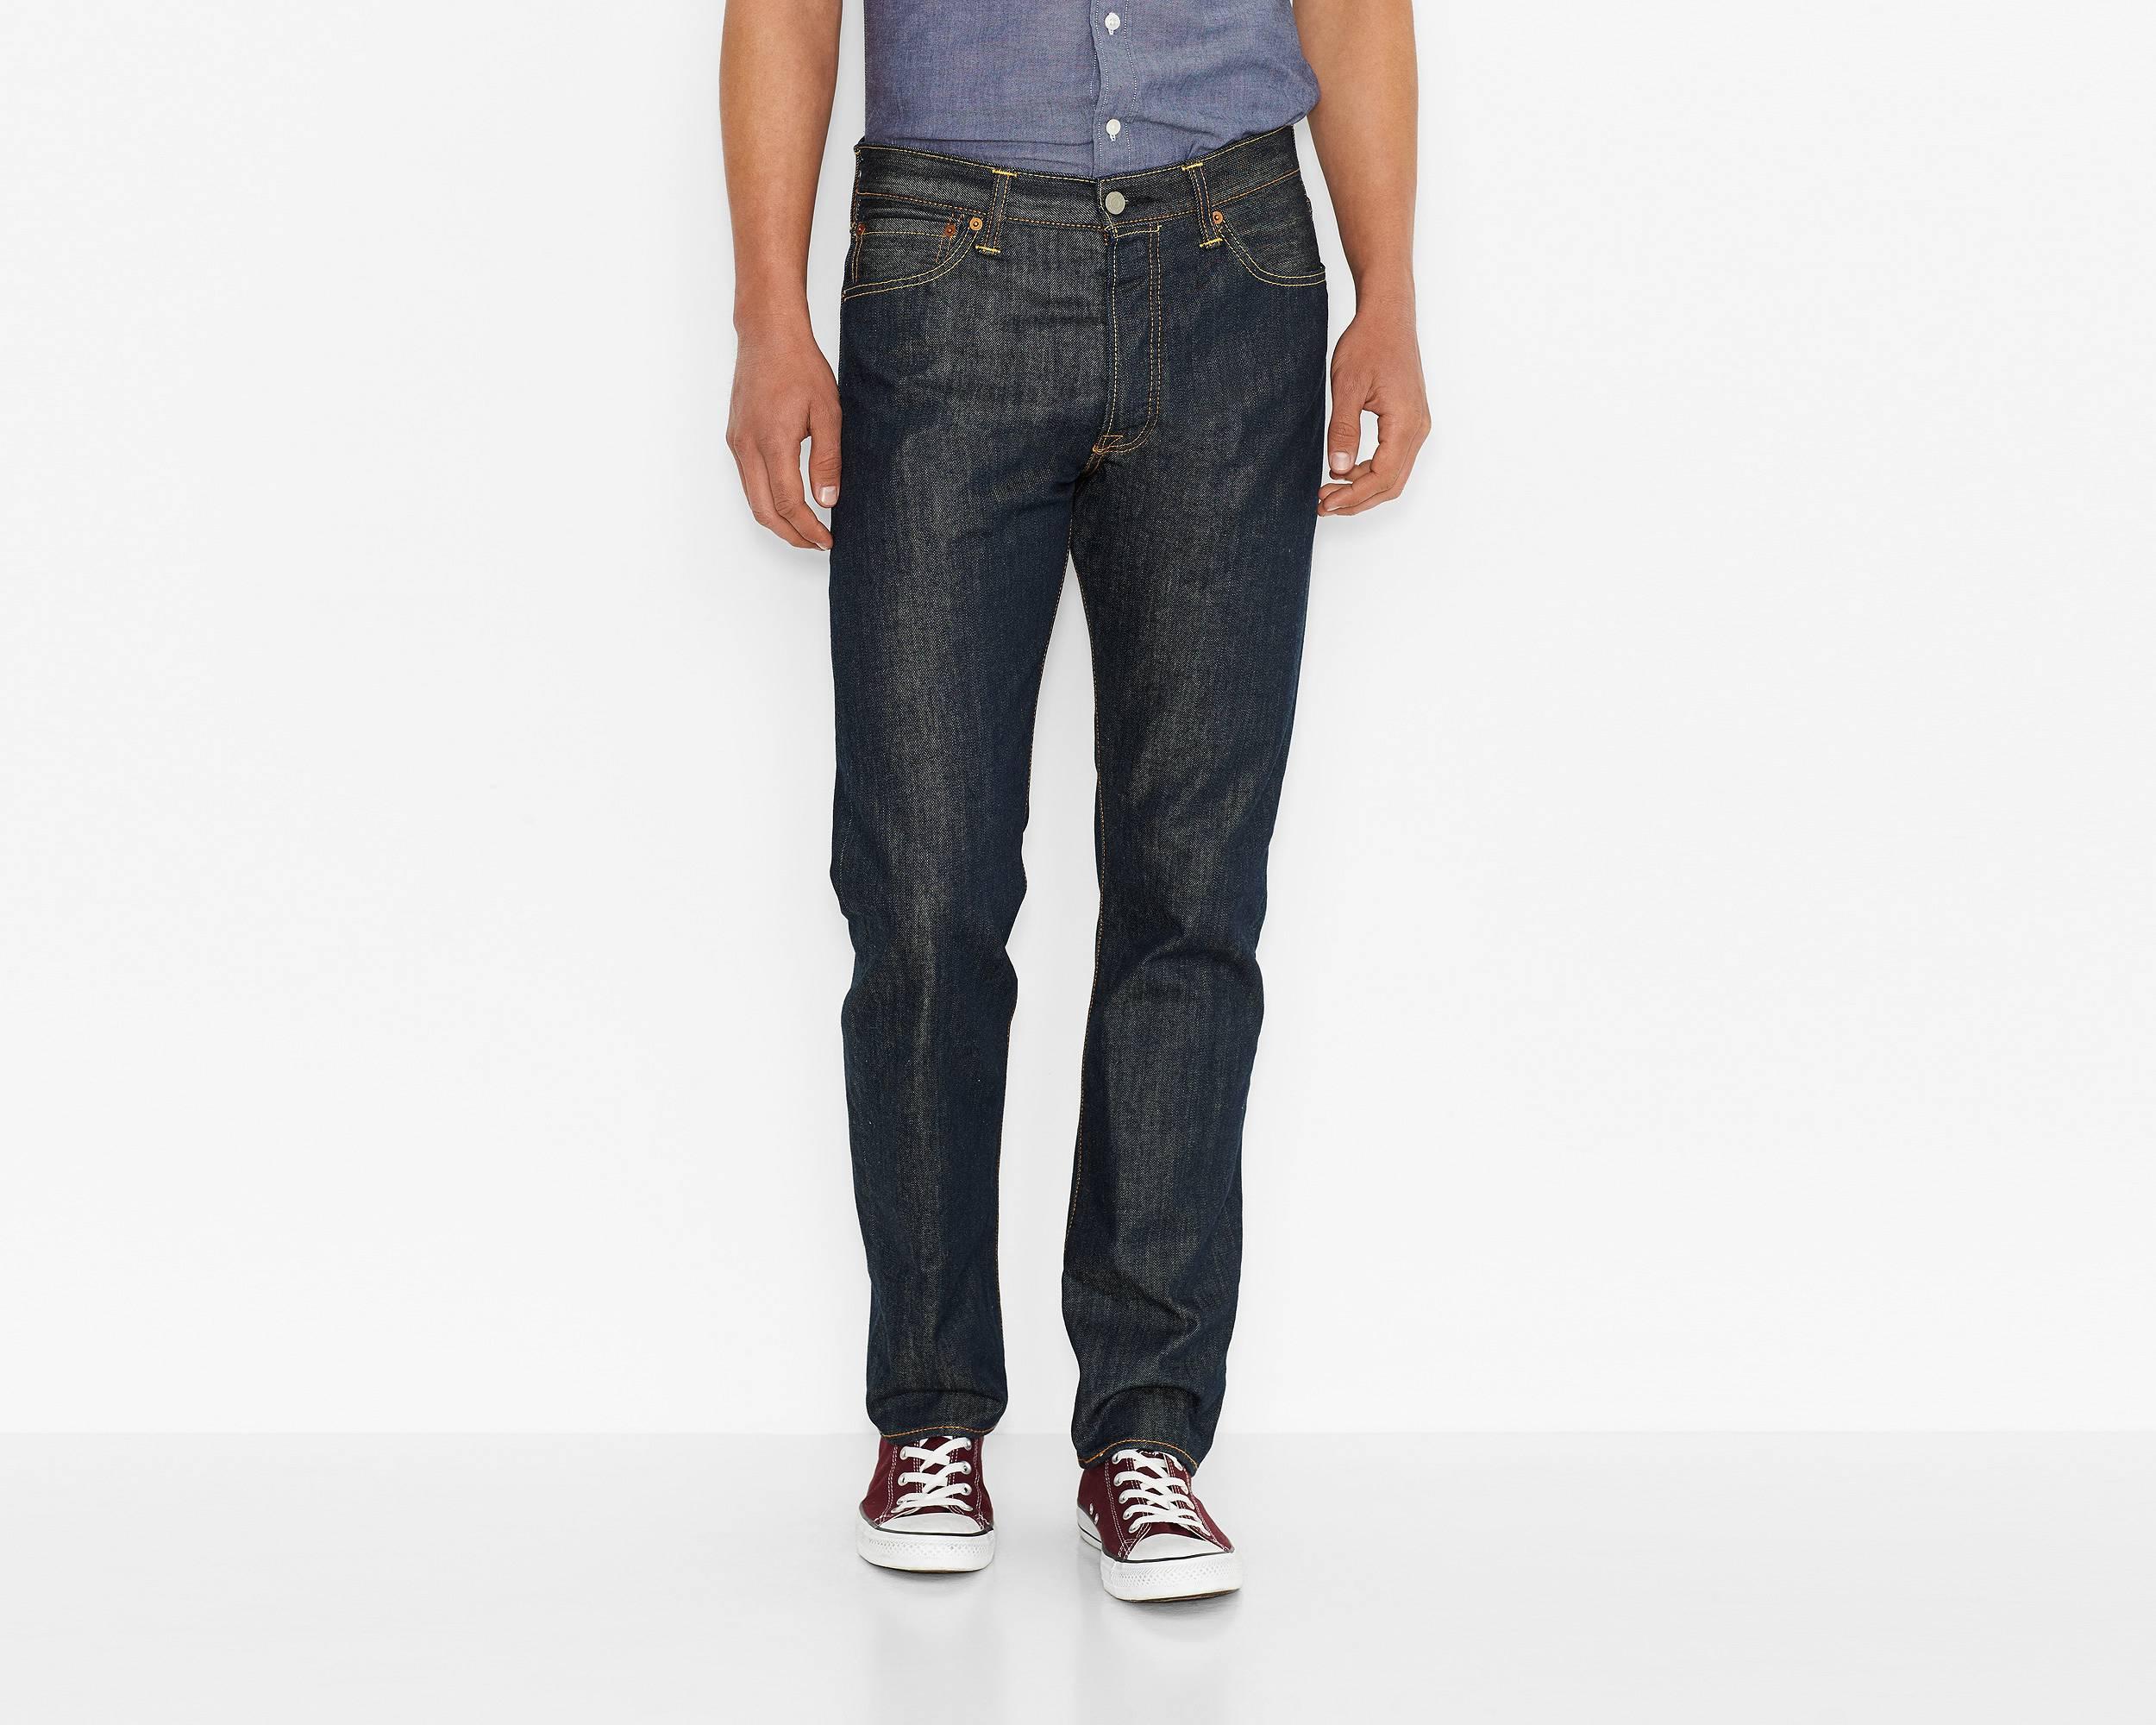 levis 501 damen jeans pioneer ct 95 related keywords. Black Bedroom Furniture Sets. Home Design Ideas